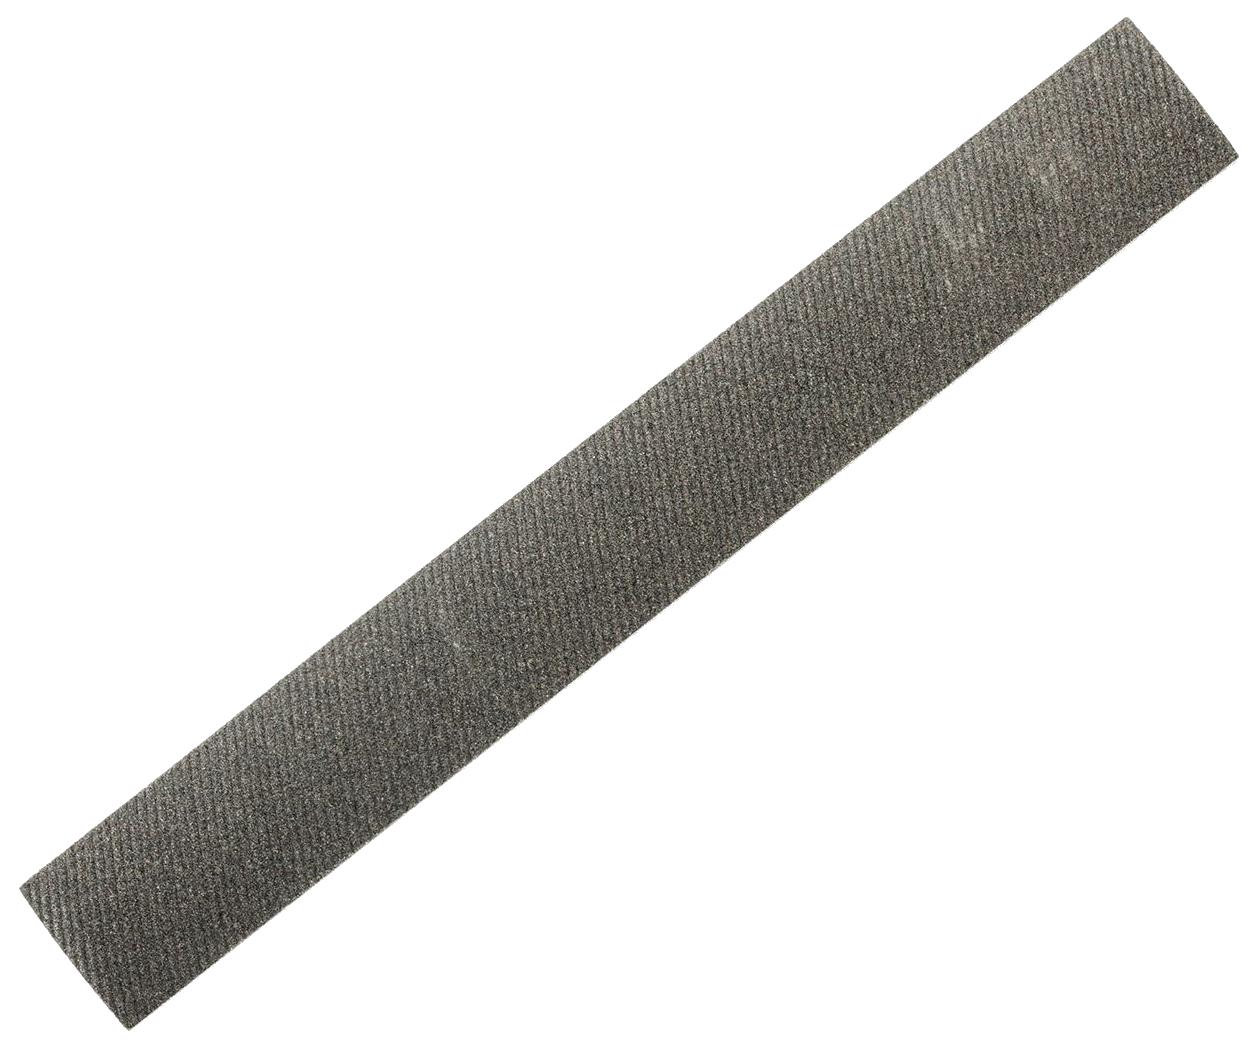 Фото 5 - Керамический точильный брусок Lansky, Heavy Duty tool Sharpener, LHONE